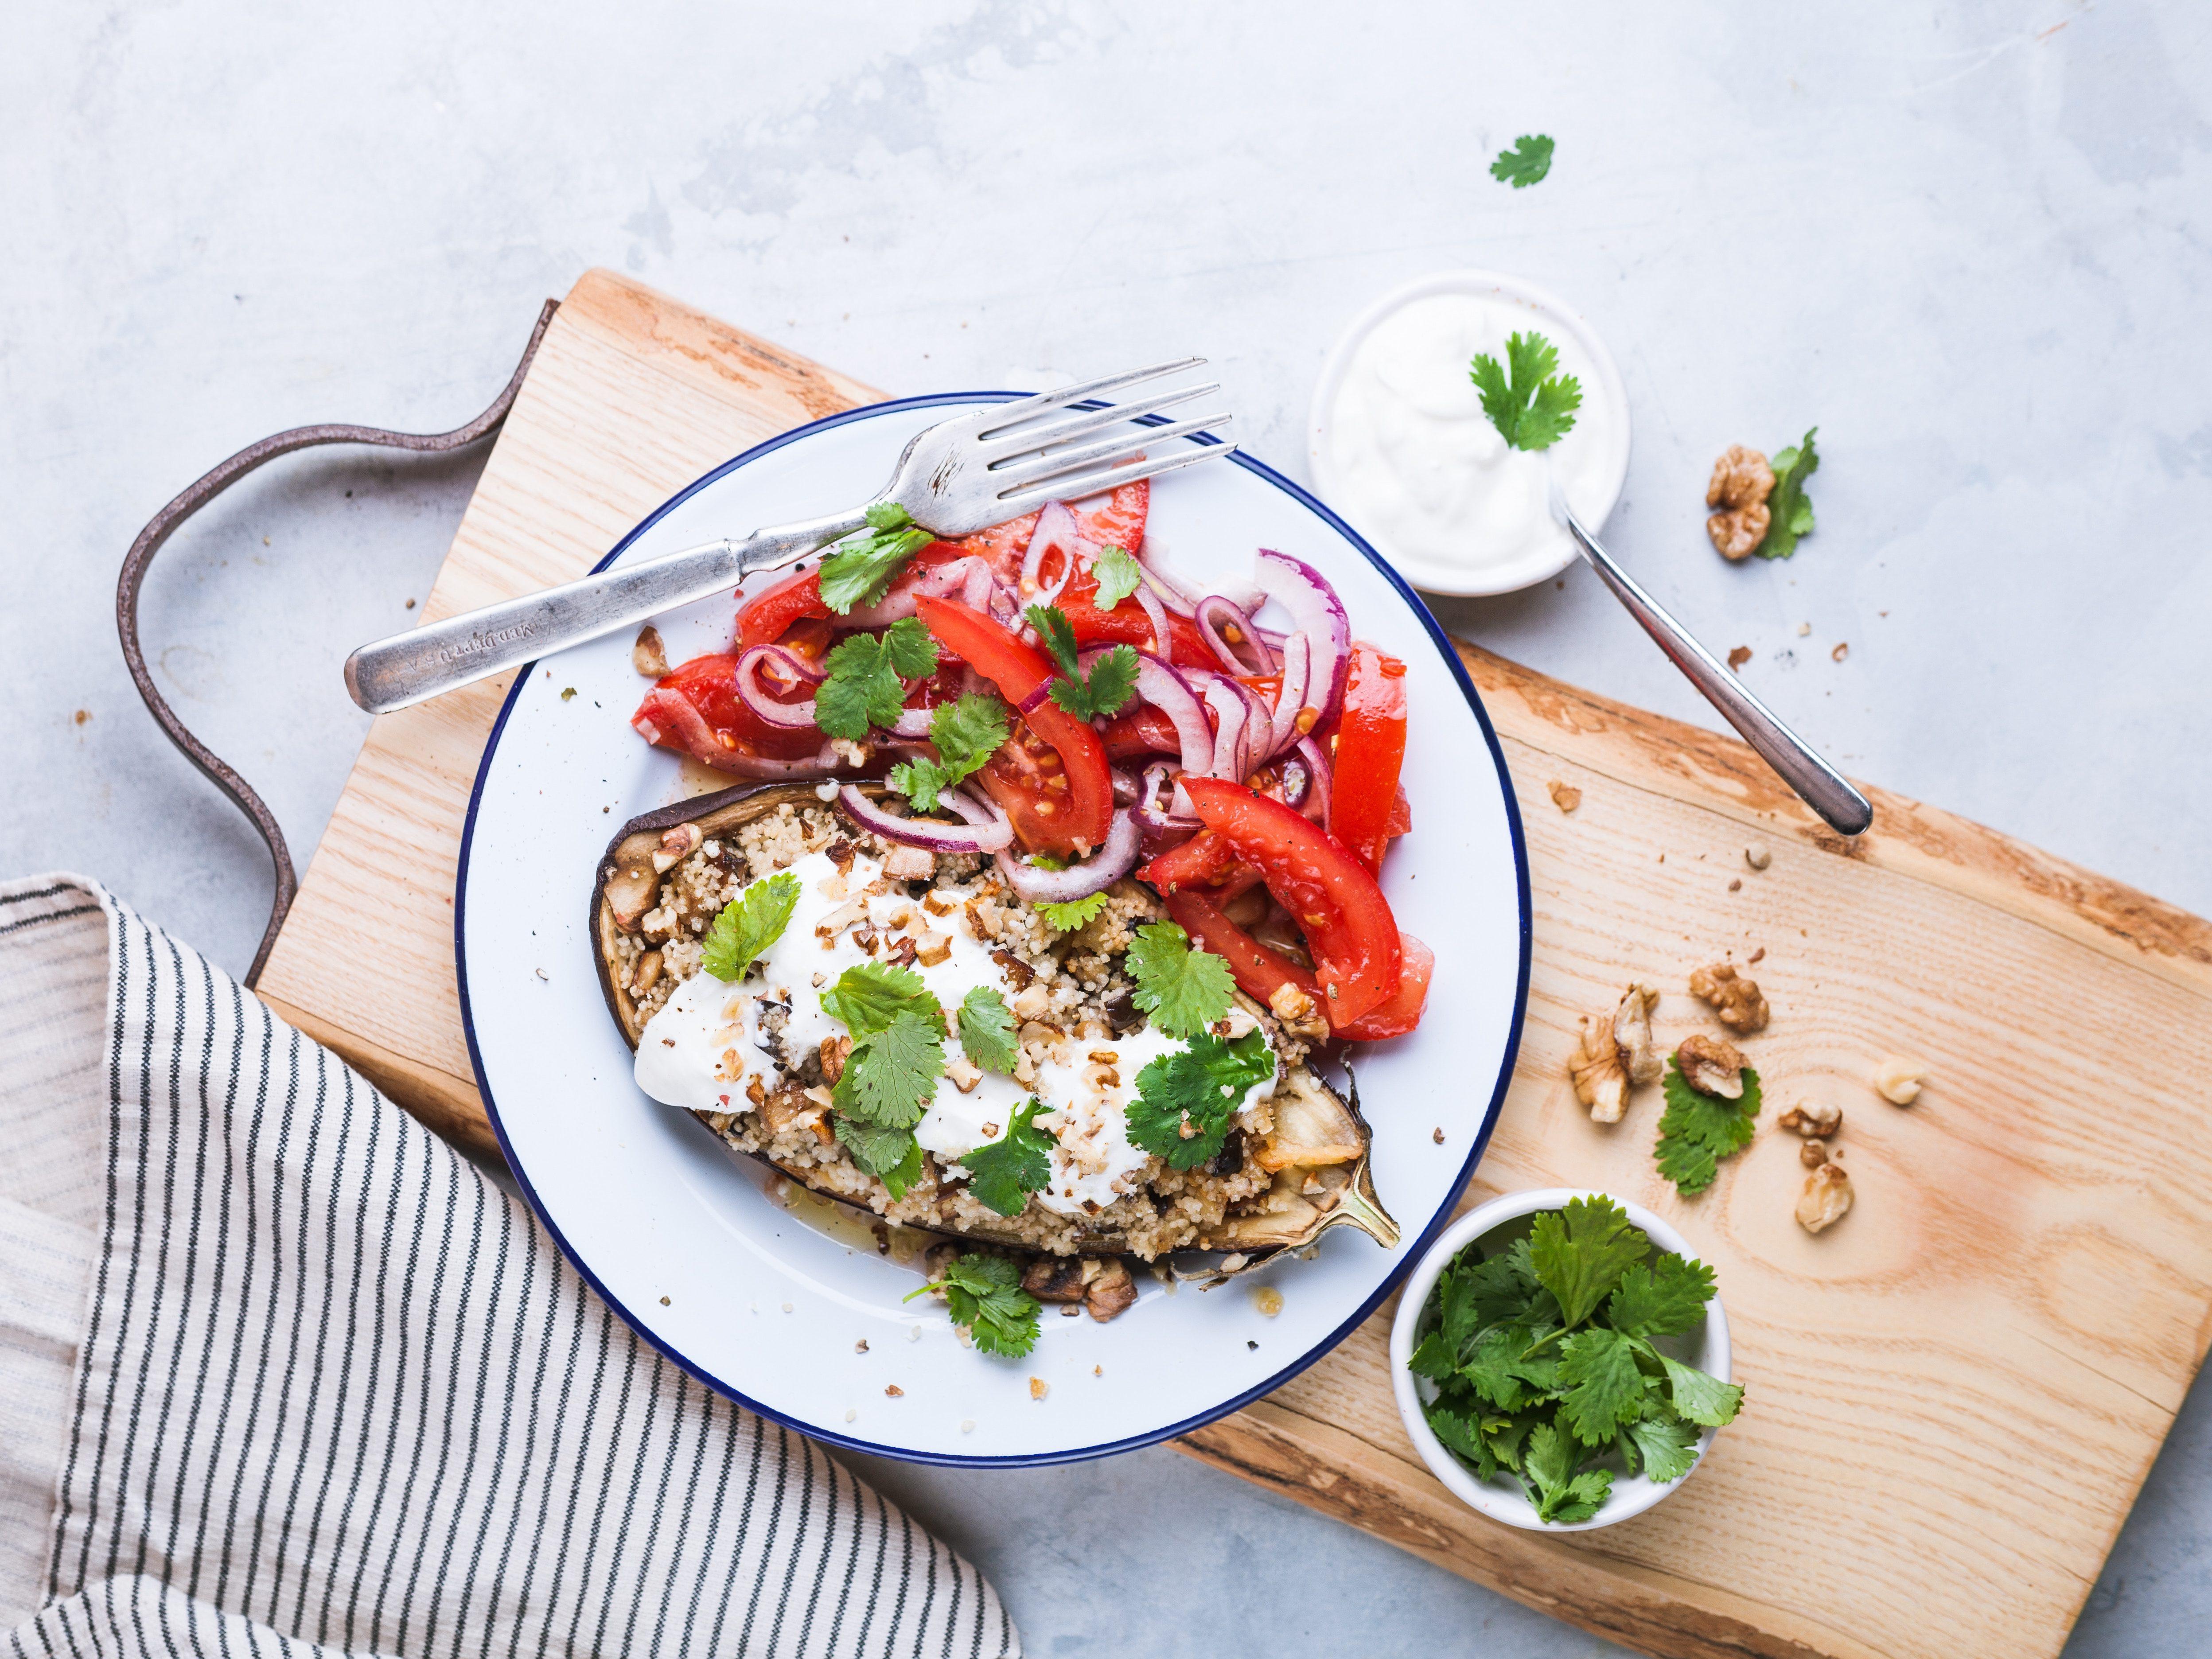 lunch e1519664987768 3 pyszne przepisy na zdrowy obiad [dobre do pracy]